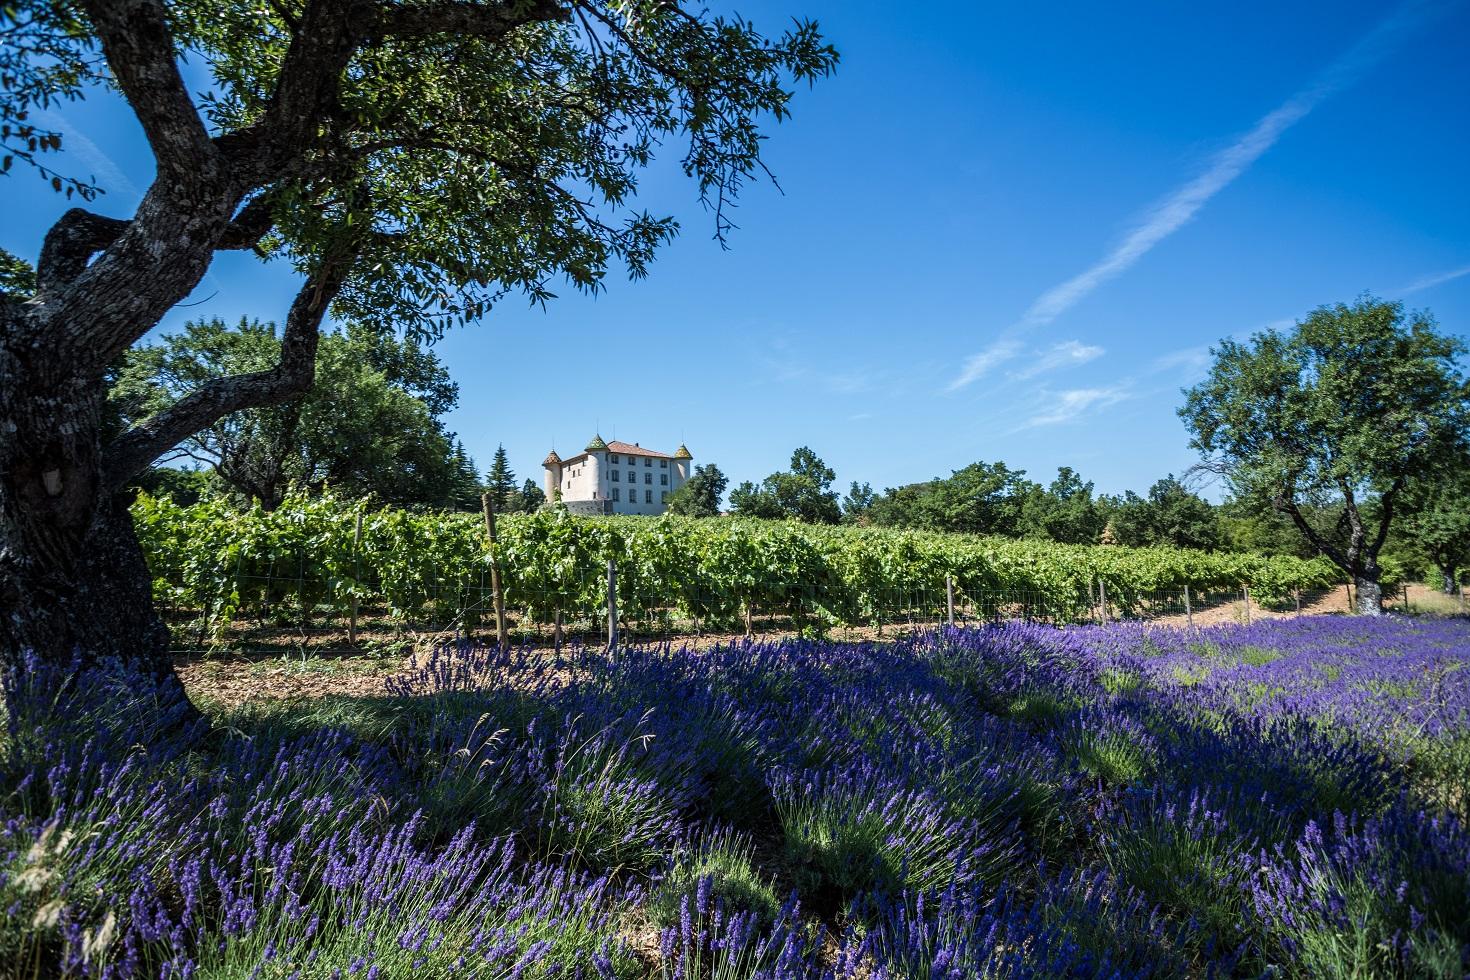 route-des-vins-provence-cote-azur-cannes